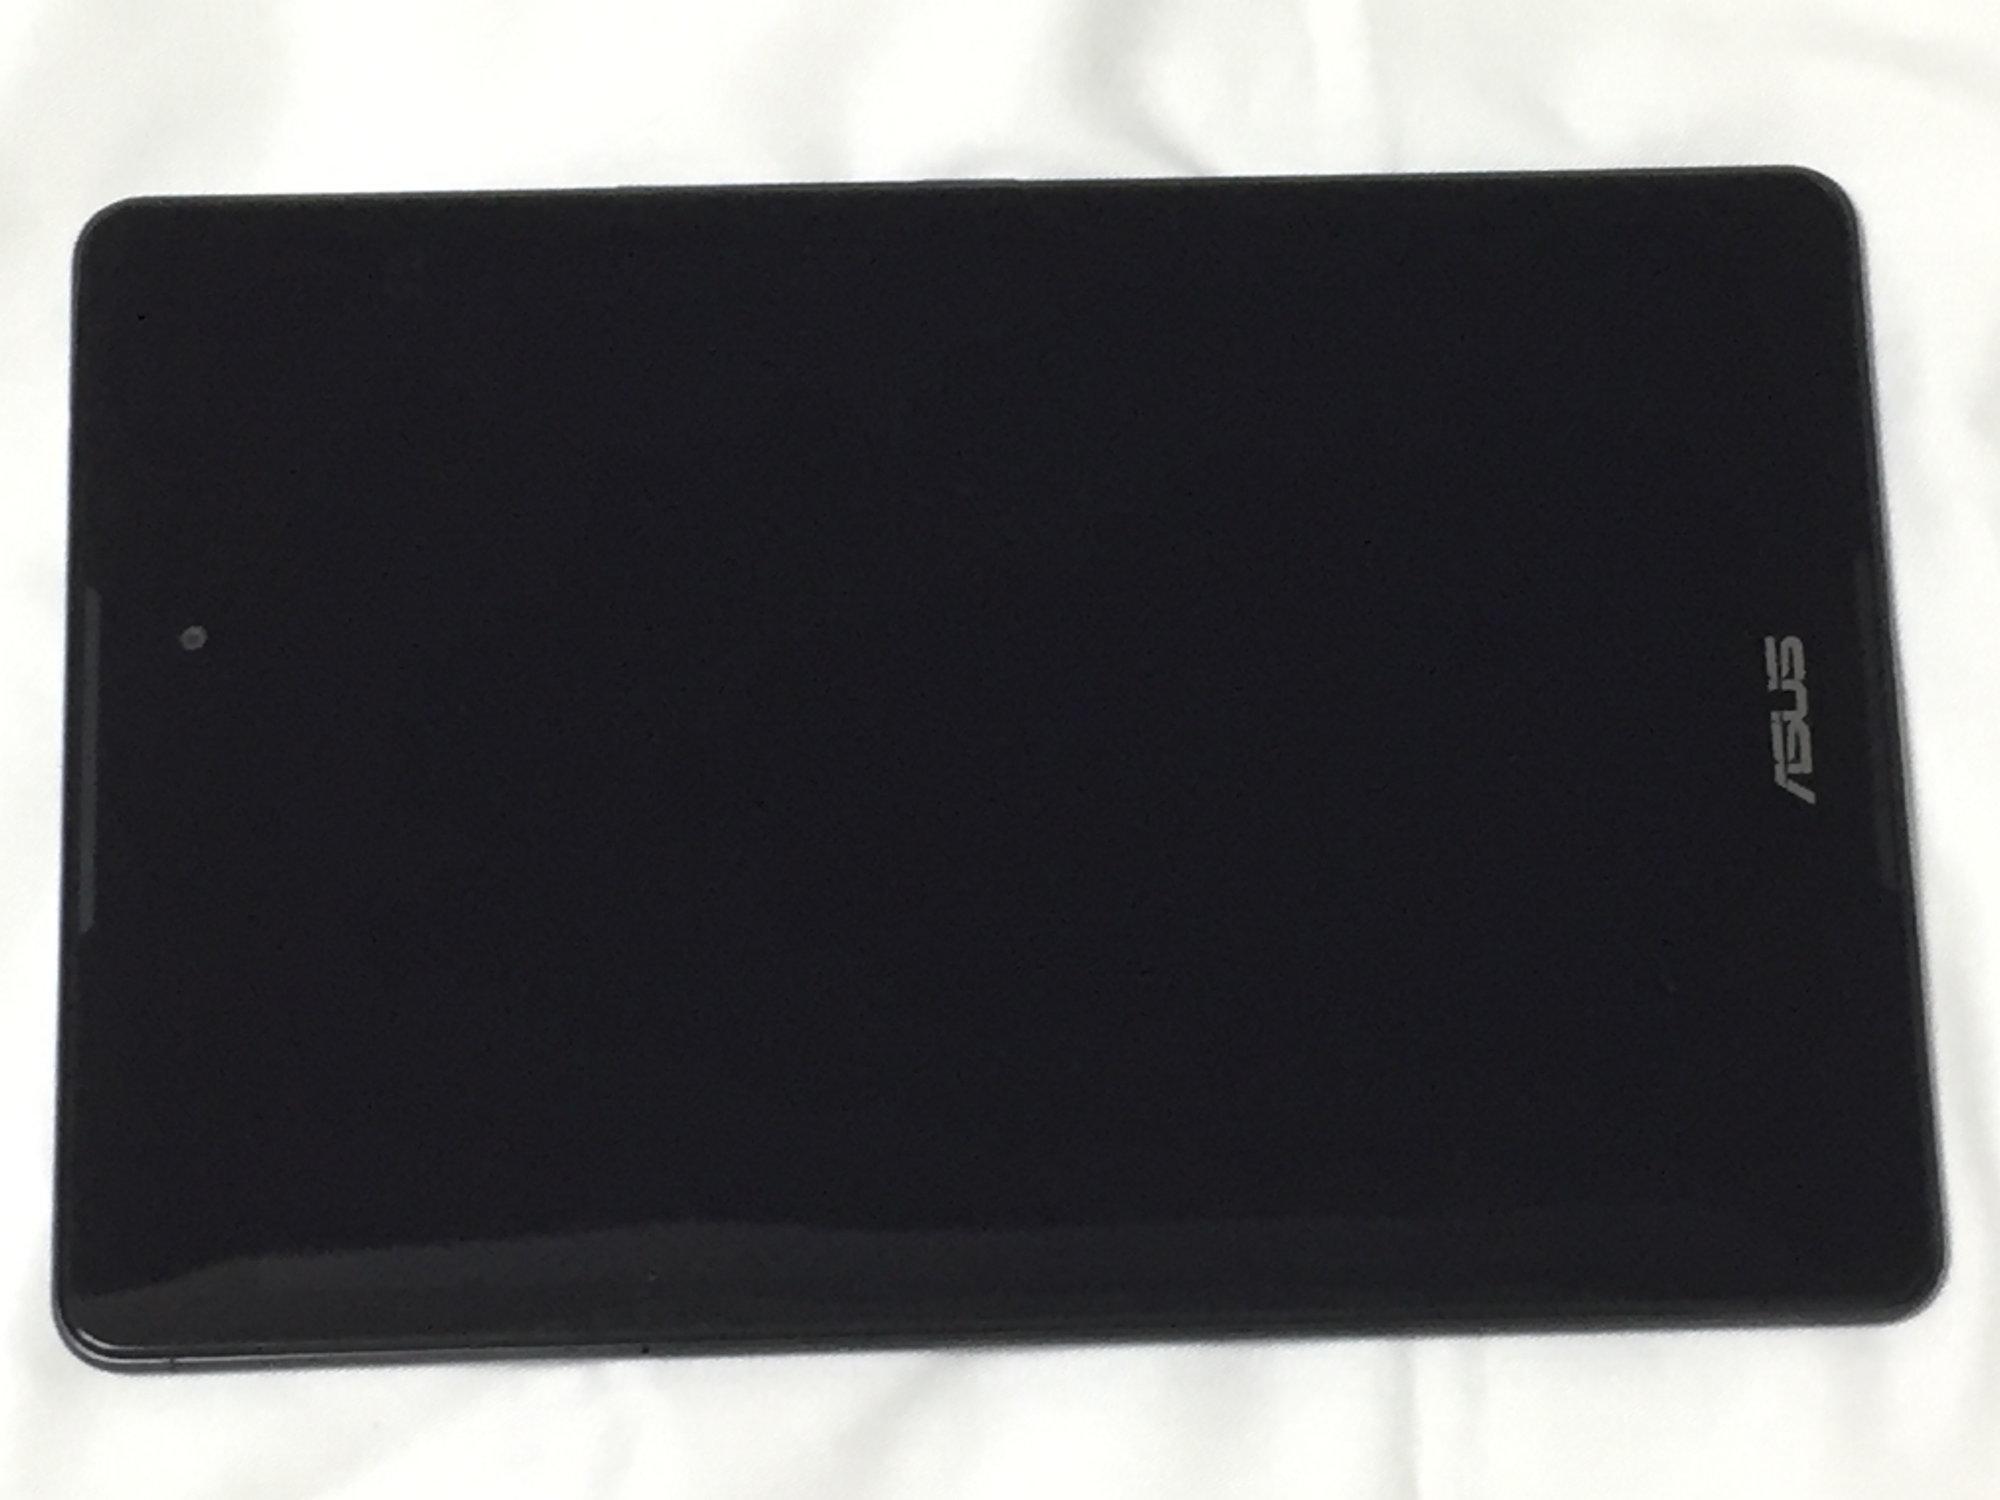 ASUS ZenPad 3 8.0 (Z581KL) 前面